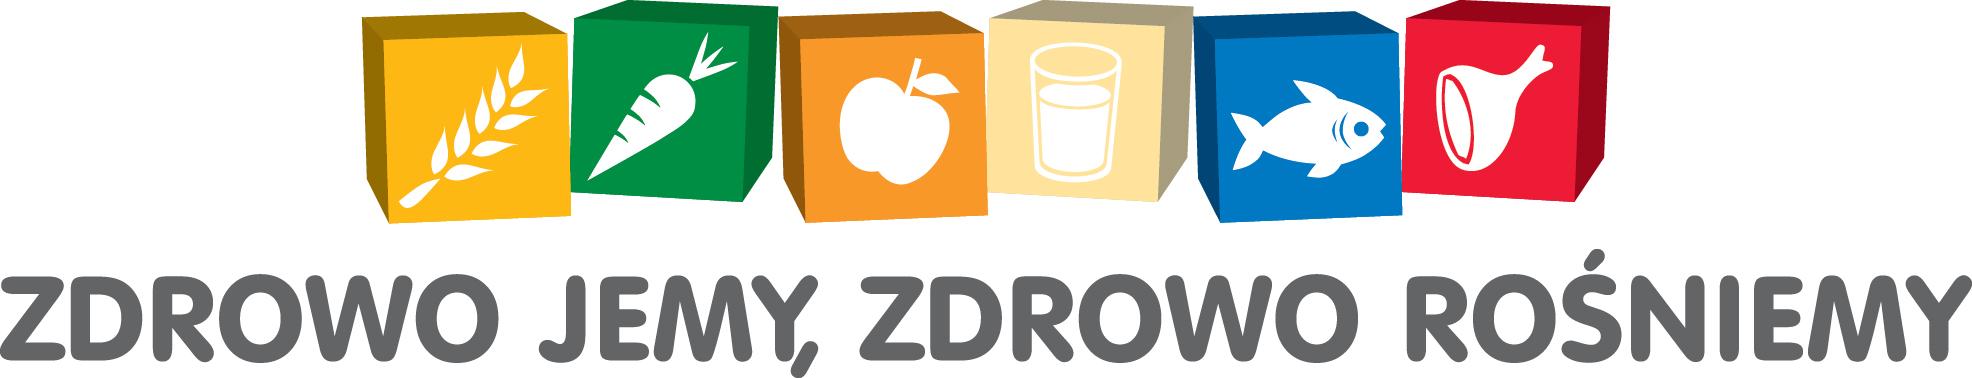 logo Zdrowo jemy zdrowo rośniemy